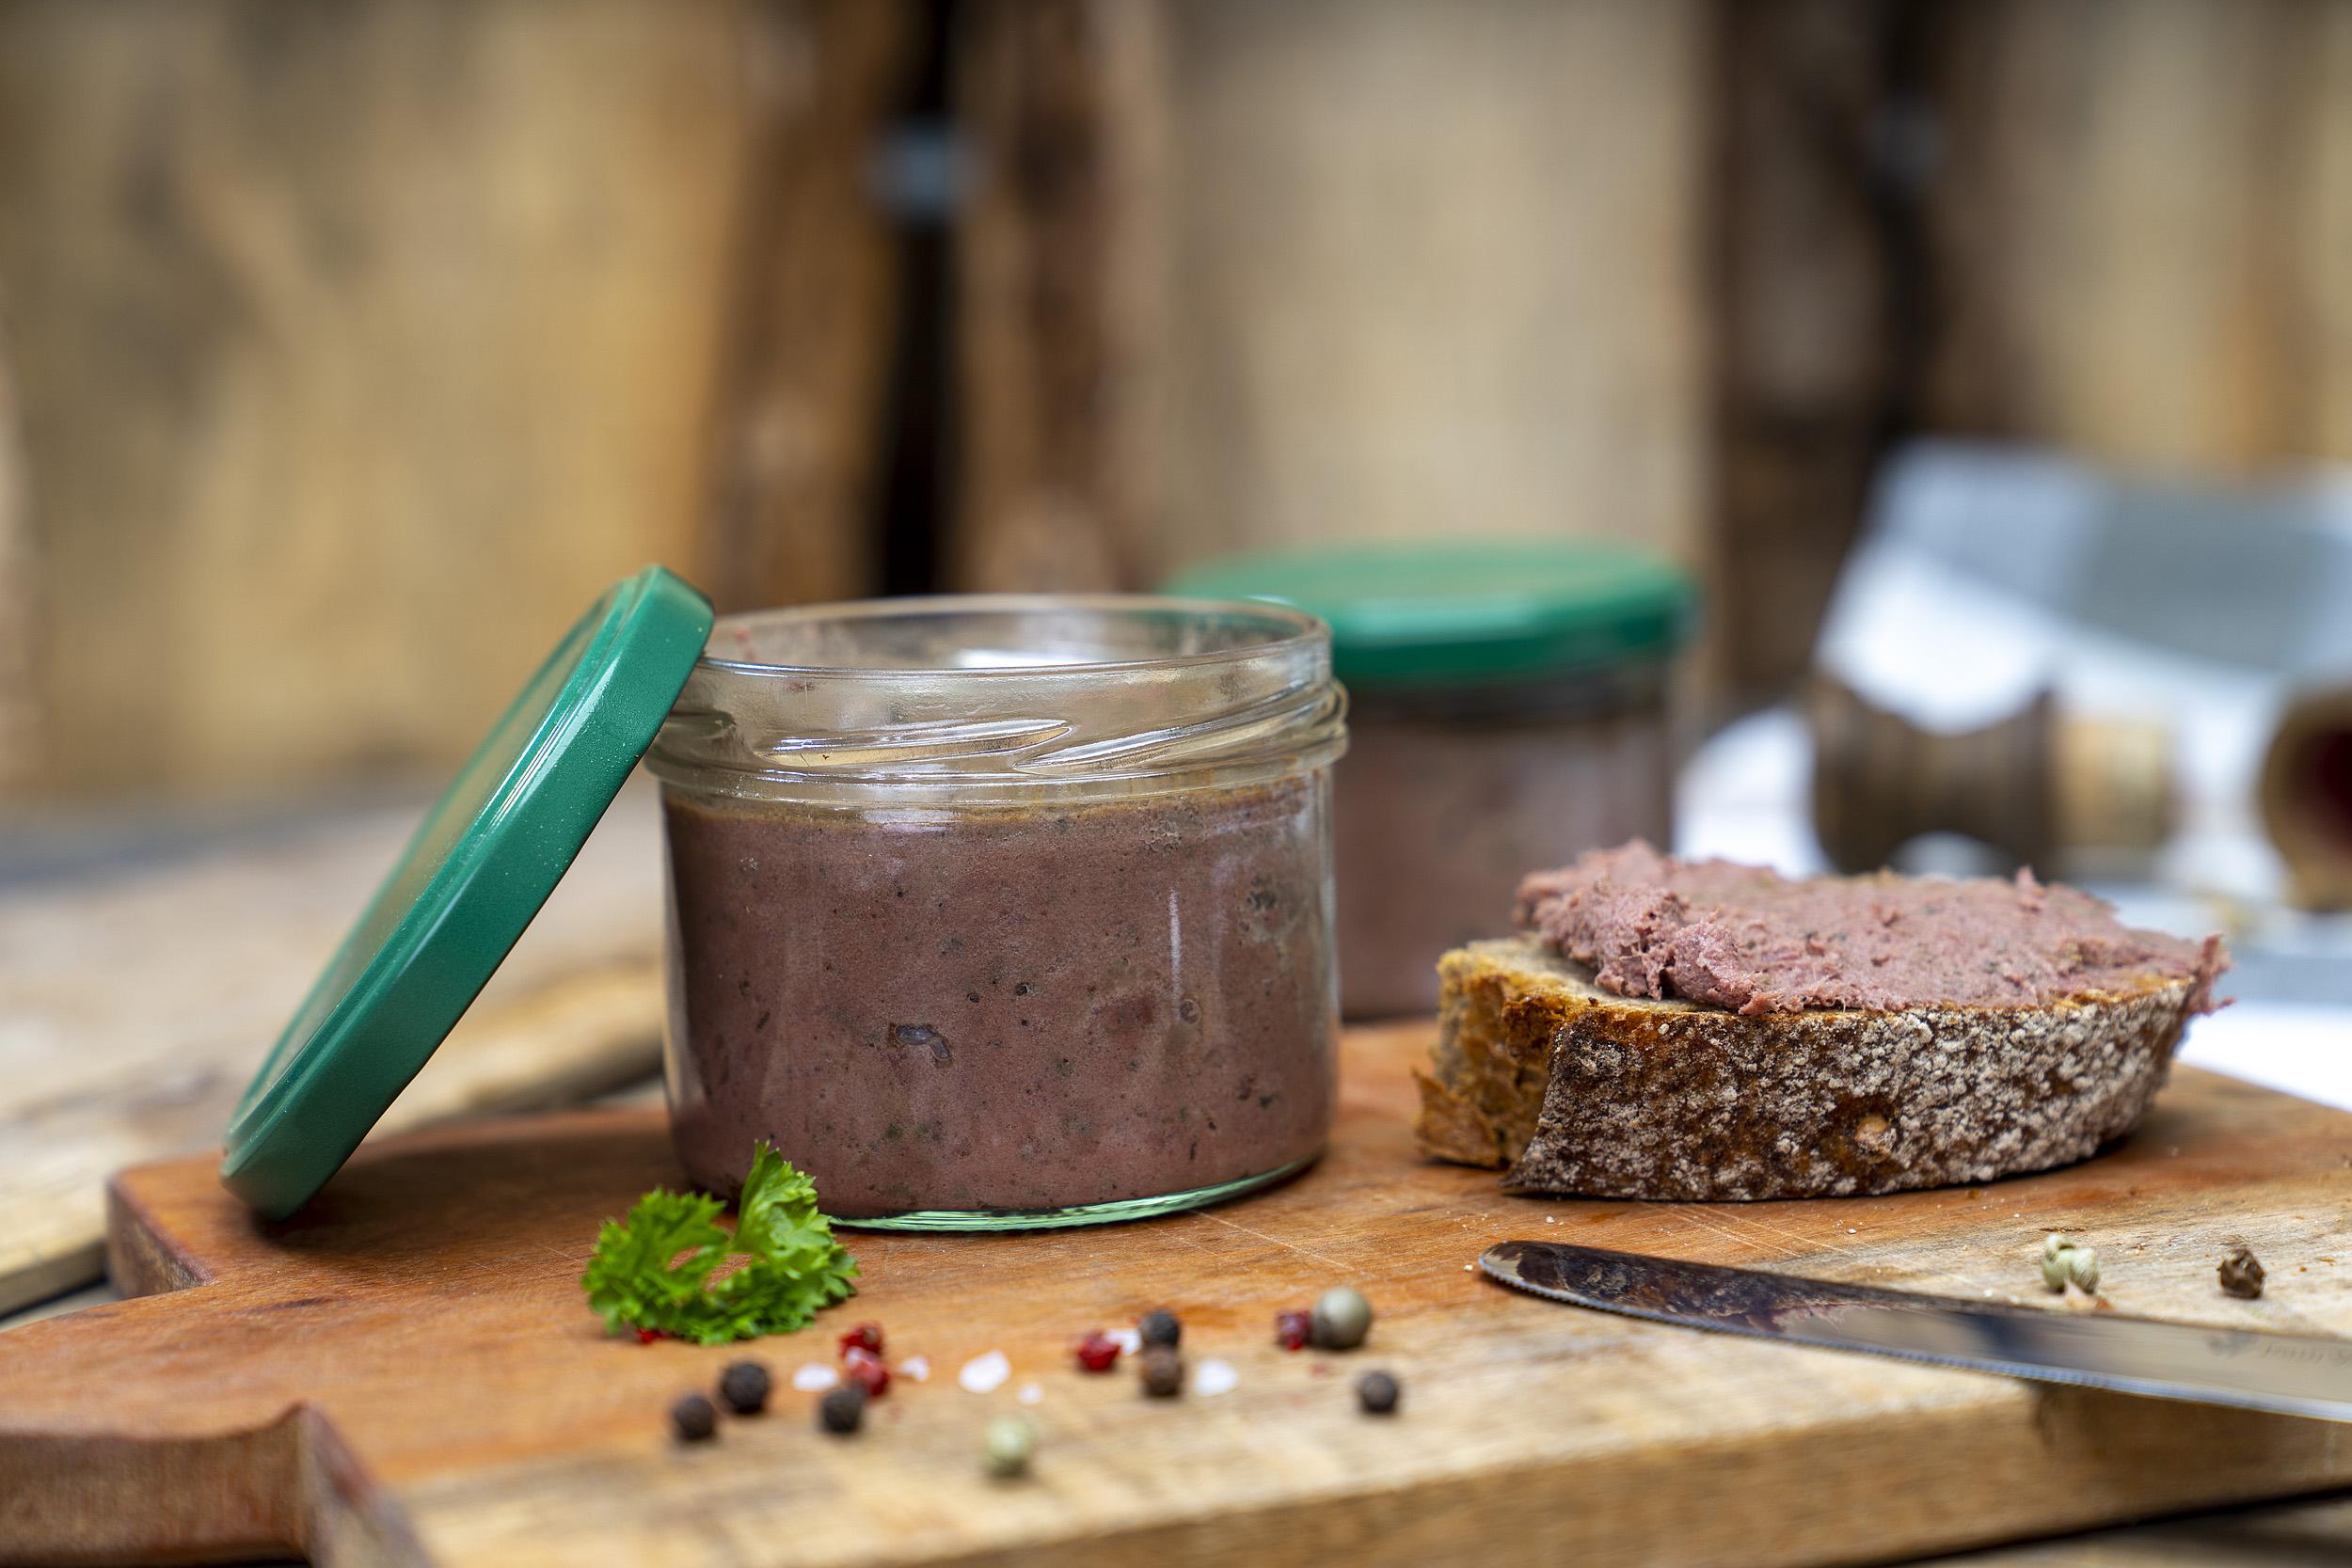 Auf einem Brett ein Glas mit Wildleberwurst. Daneben ein geschmiertes Brot und Gewürze. Im Hintergrund noch ein Glas.